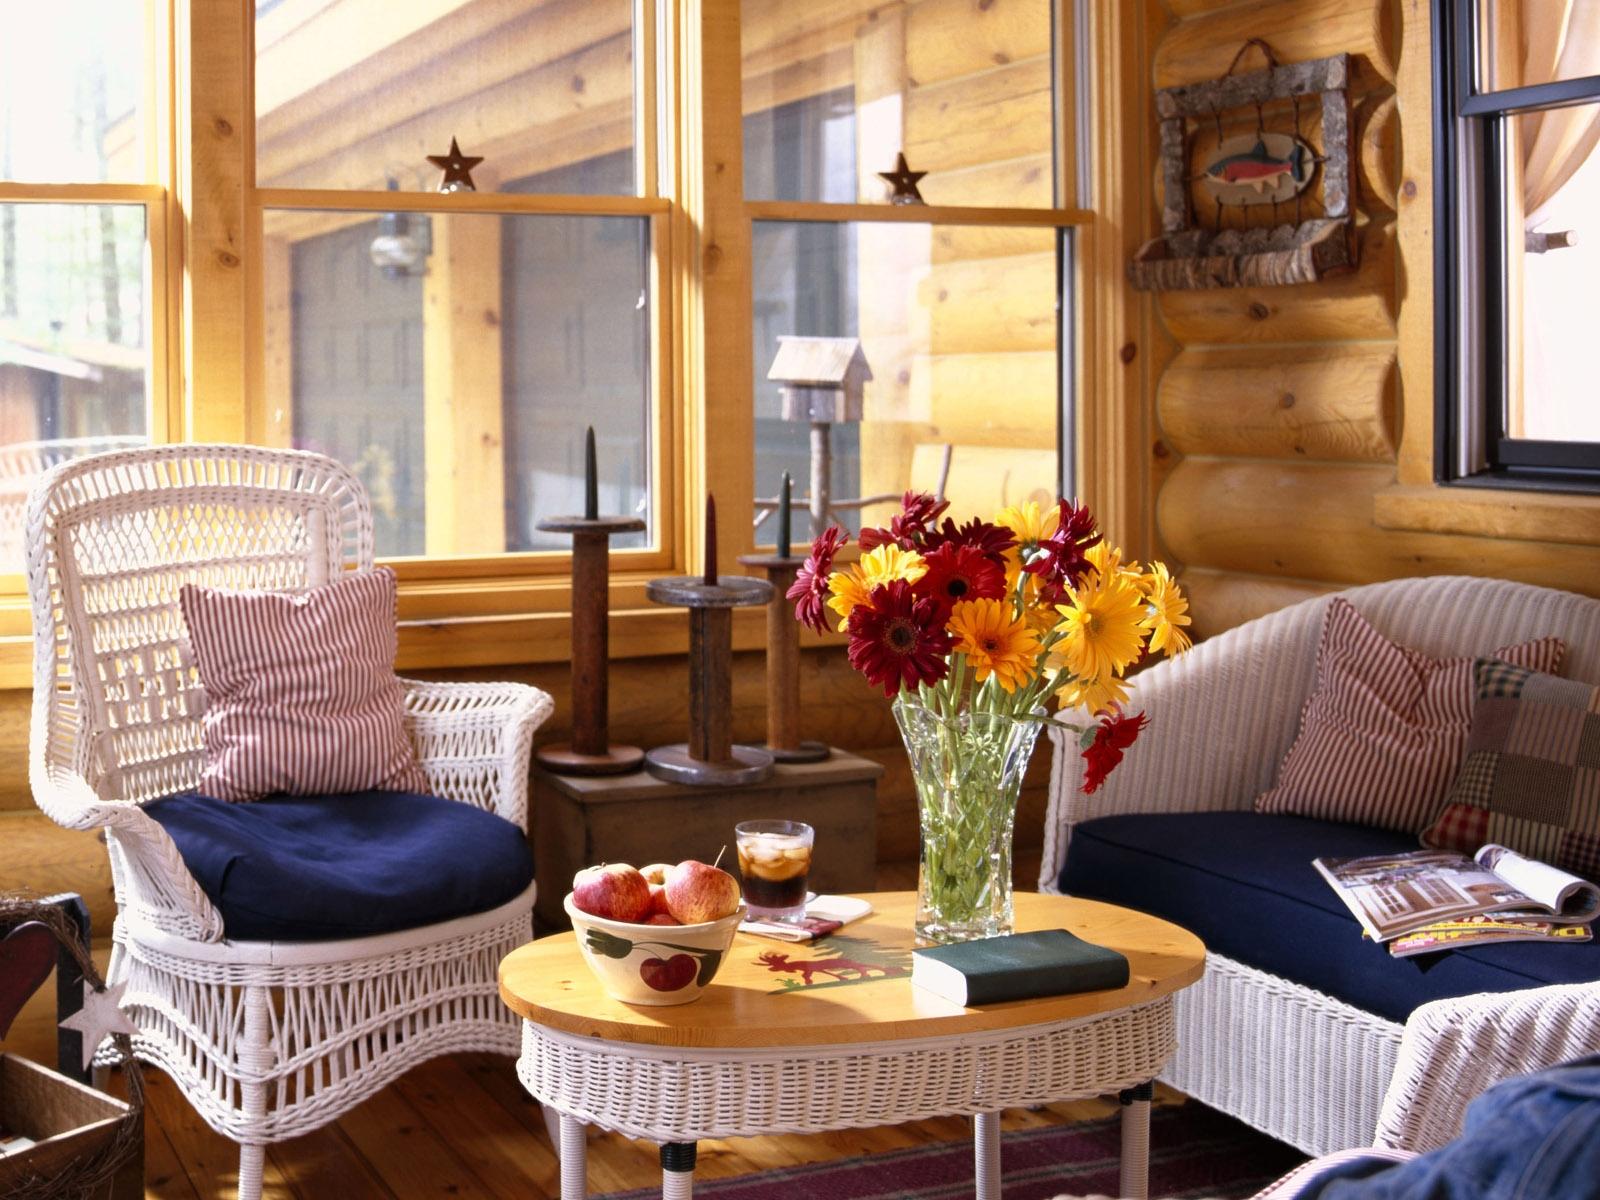 Veranda bauernhaus  Hintergrundbilder : Zimmer, Tabelle, Innenarchitektur, Hütte ...